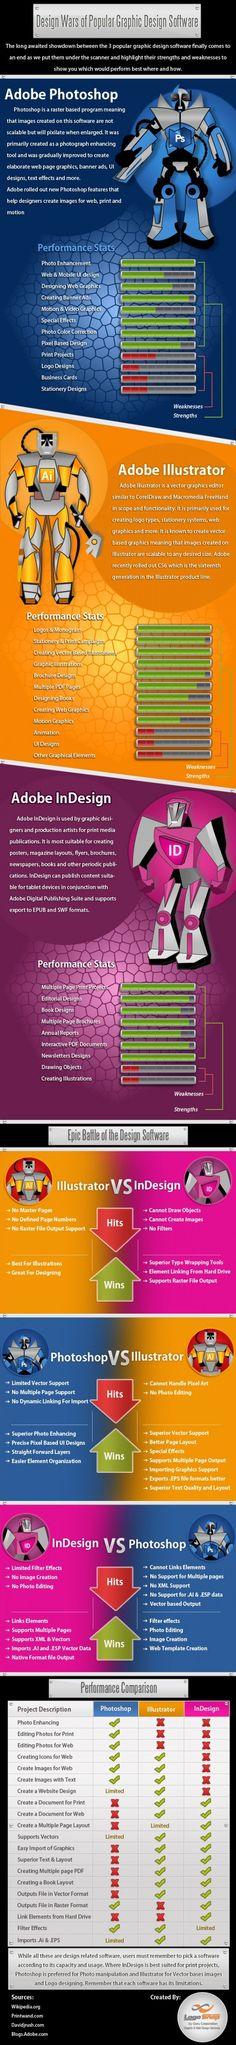 Battle of 3 Popular Graphic Design Software gefunden auf www.proformablog.com gepinned von der Hamburger Werbeagentur BlickeDeeler. Ihr wollt mehr Infos über die Agentur? www.BlickeDeeler.de